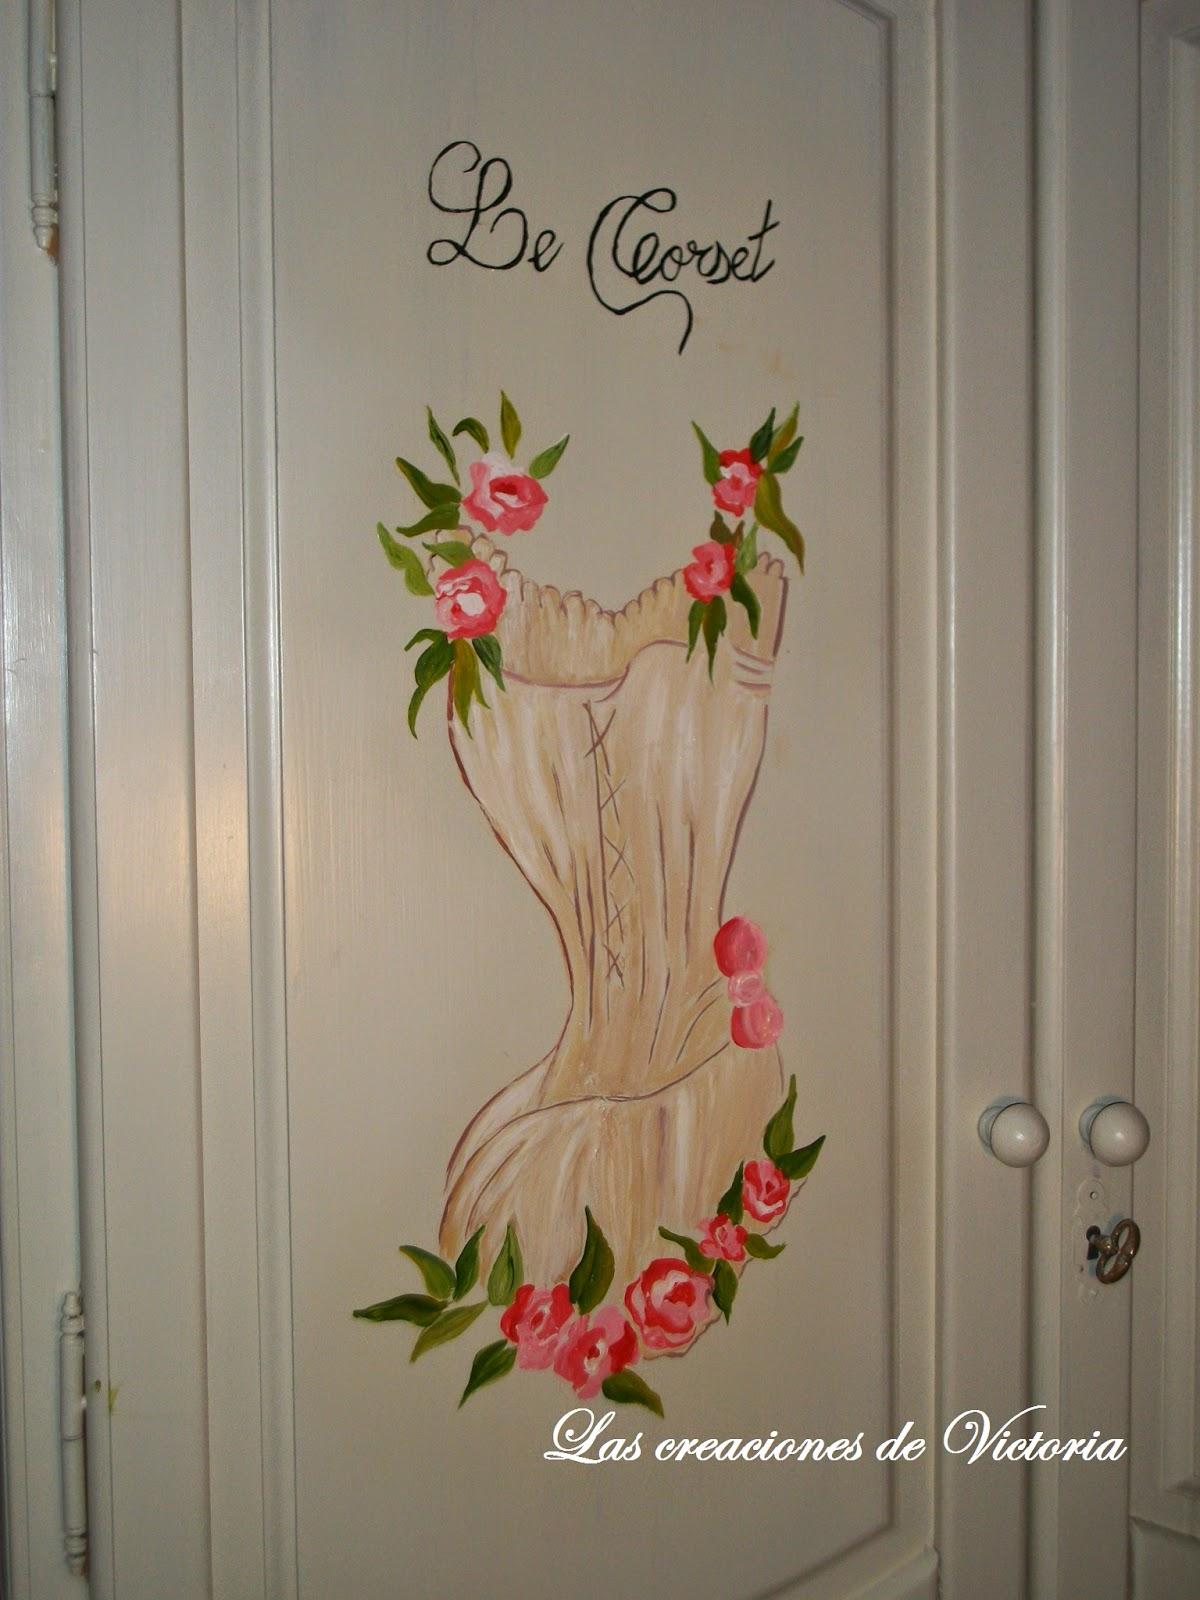 Las creaciones de Victoria.Pintura dosel.Redecorar muebles de madera.Pintura alzada corset.